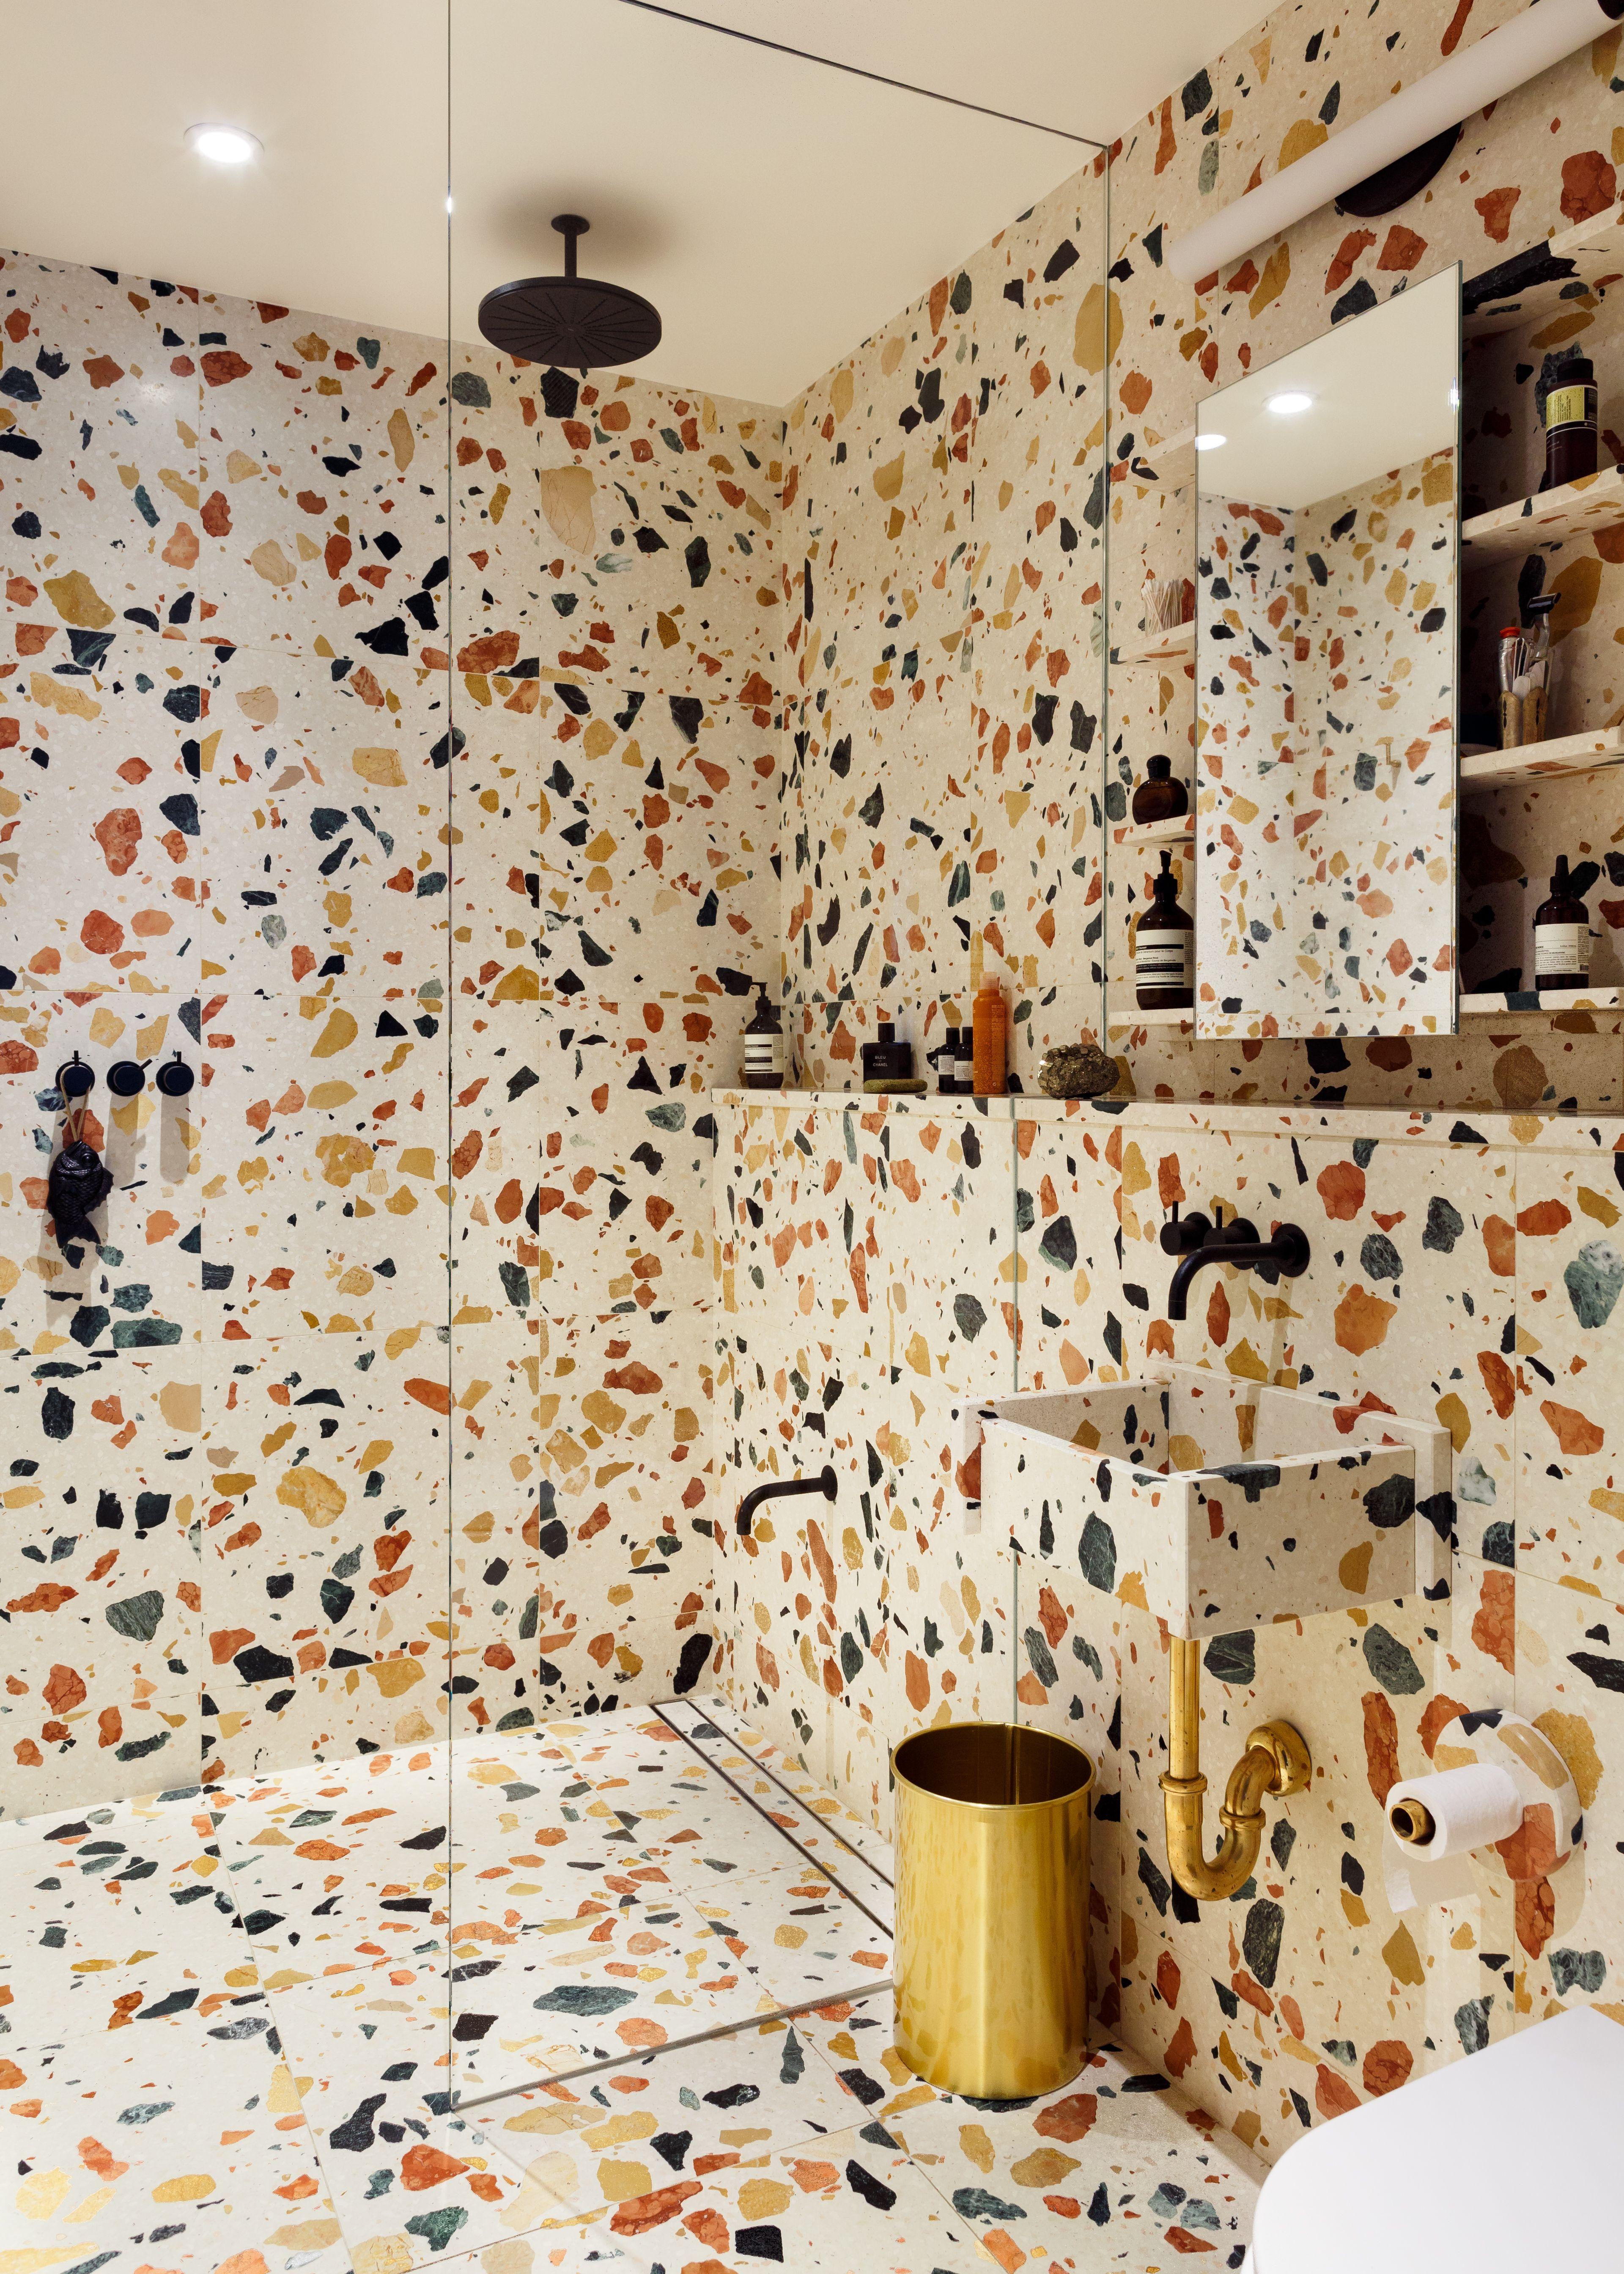 Marmoreal Slab Basin Medicine Cabinet and Toilet Paper Holder